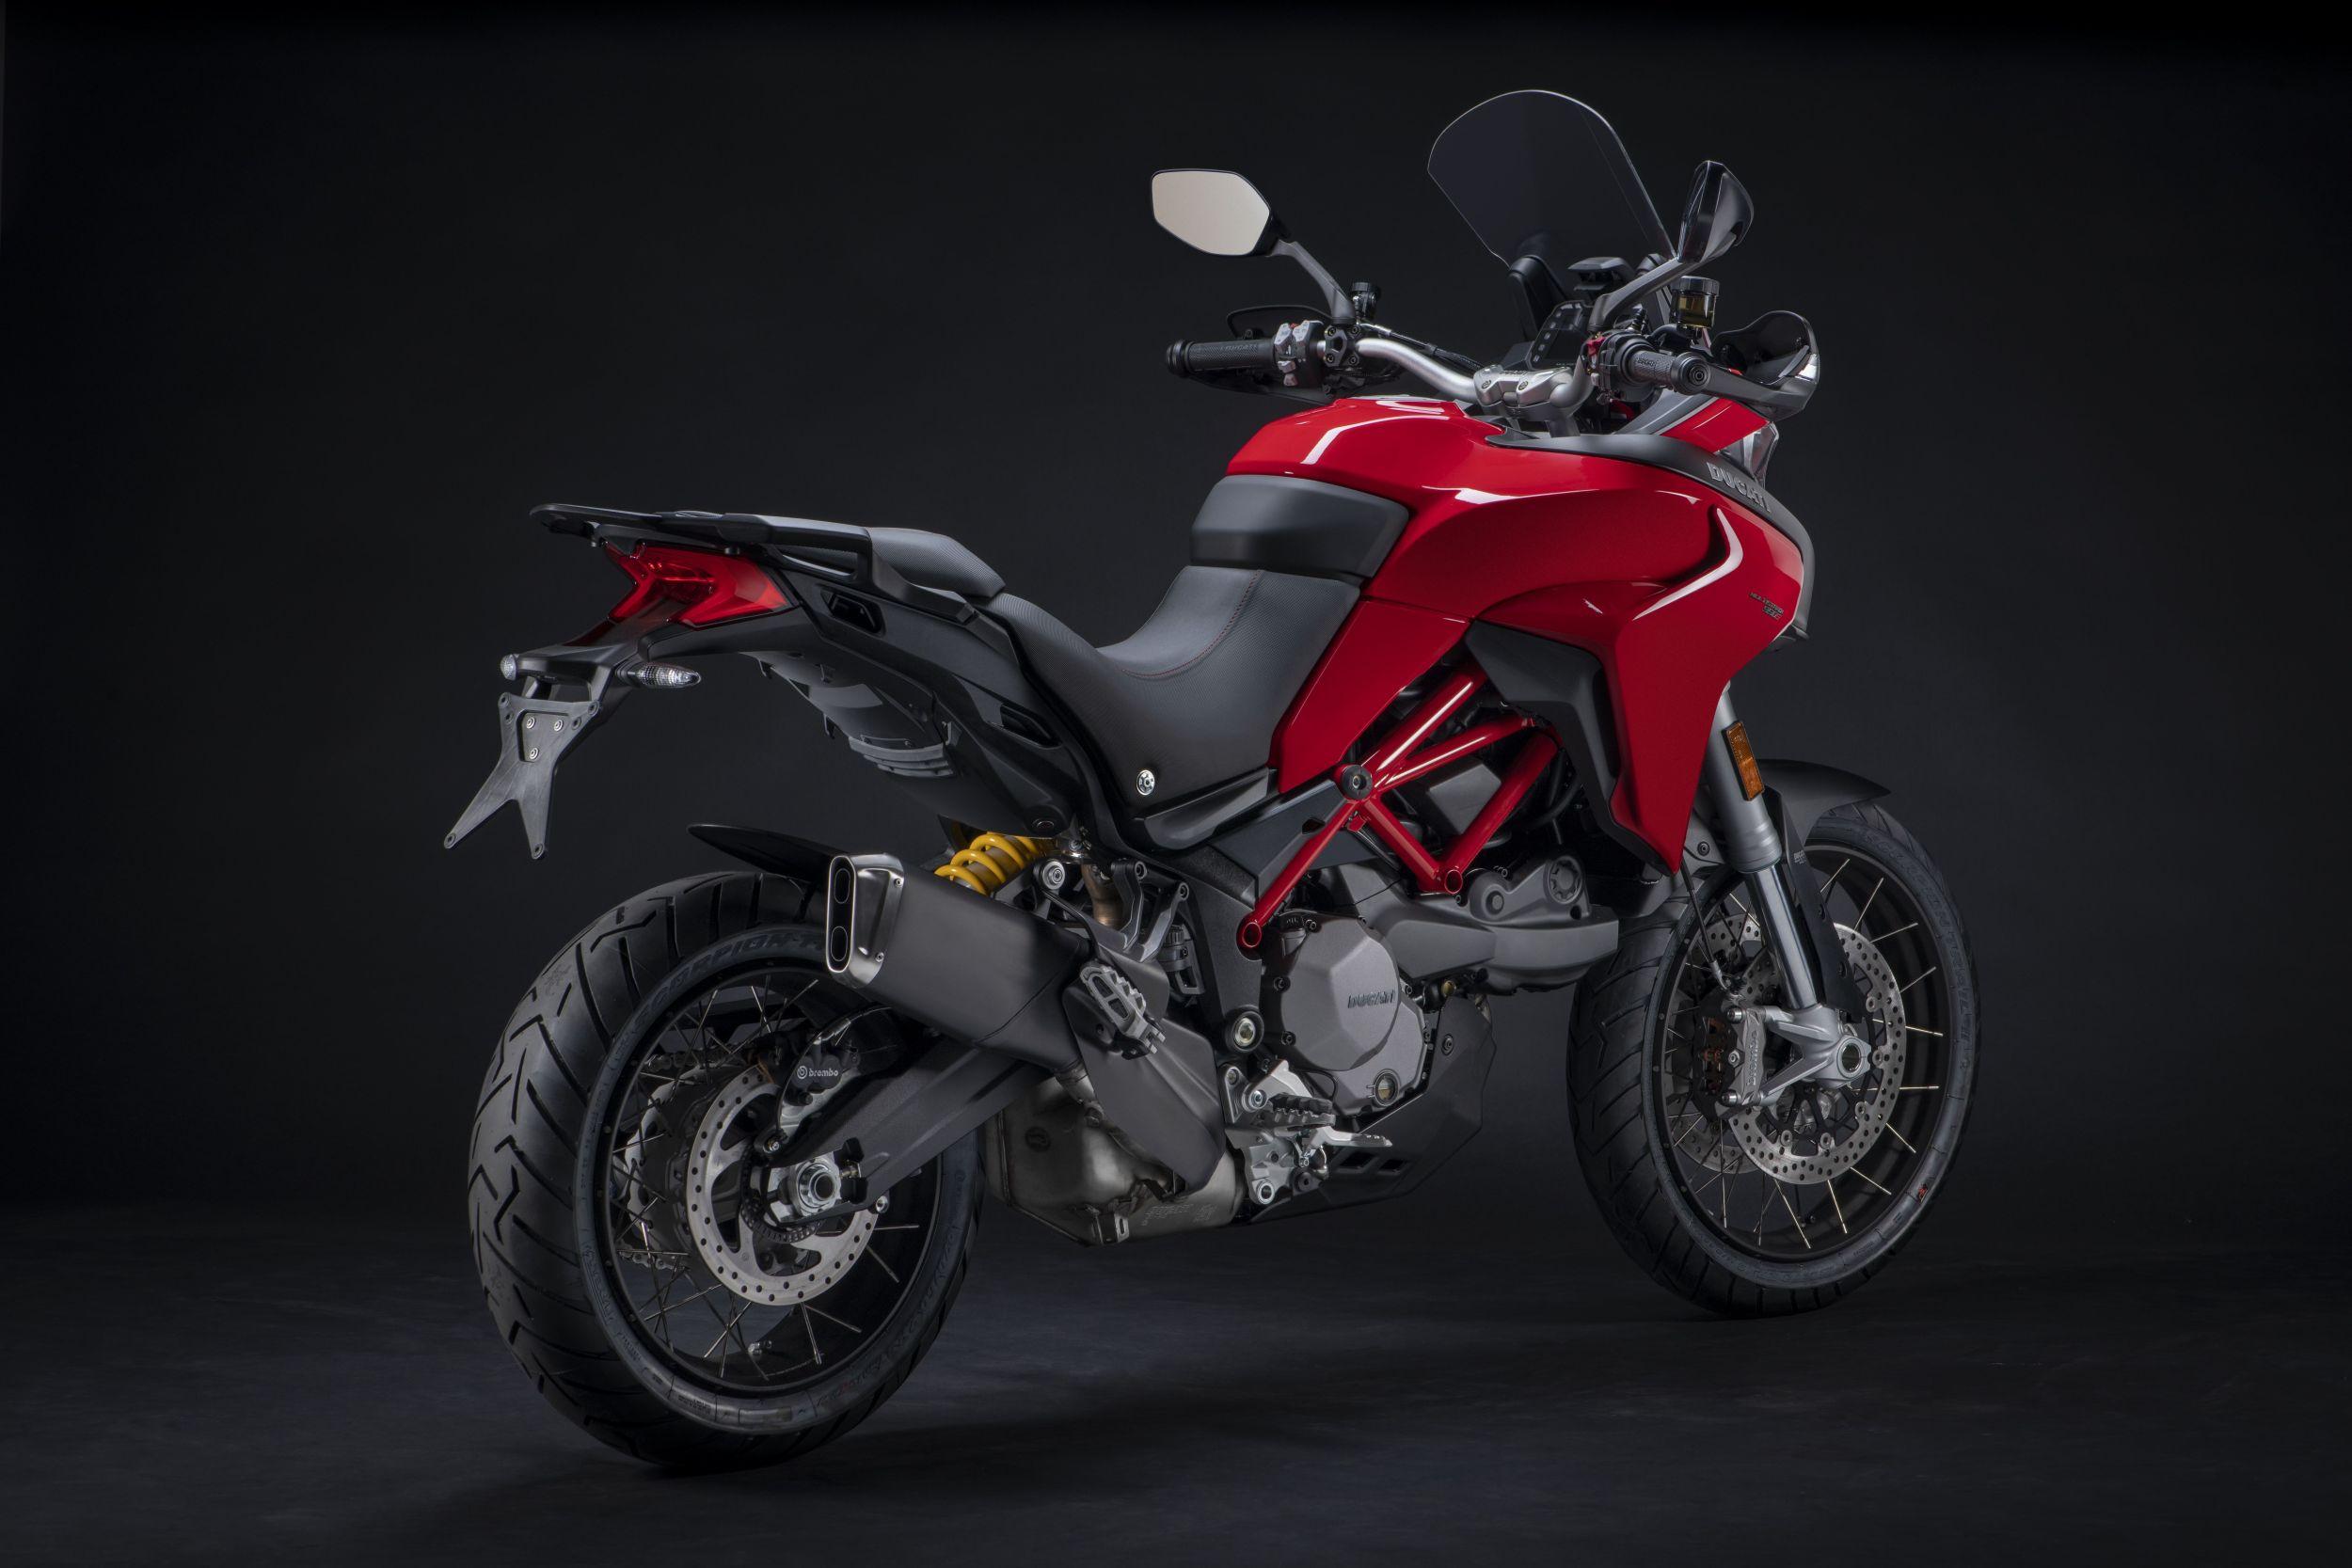 Motorrad Vergleich Ducati Multistrada 950 S 2019 vs. BMW F